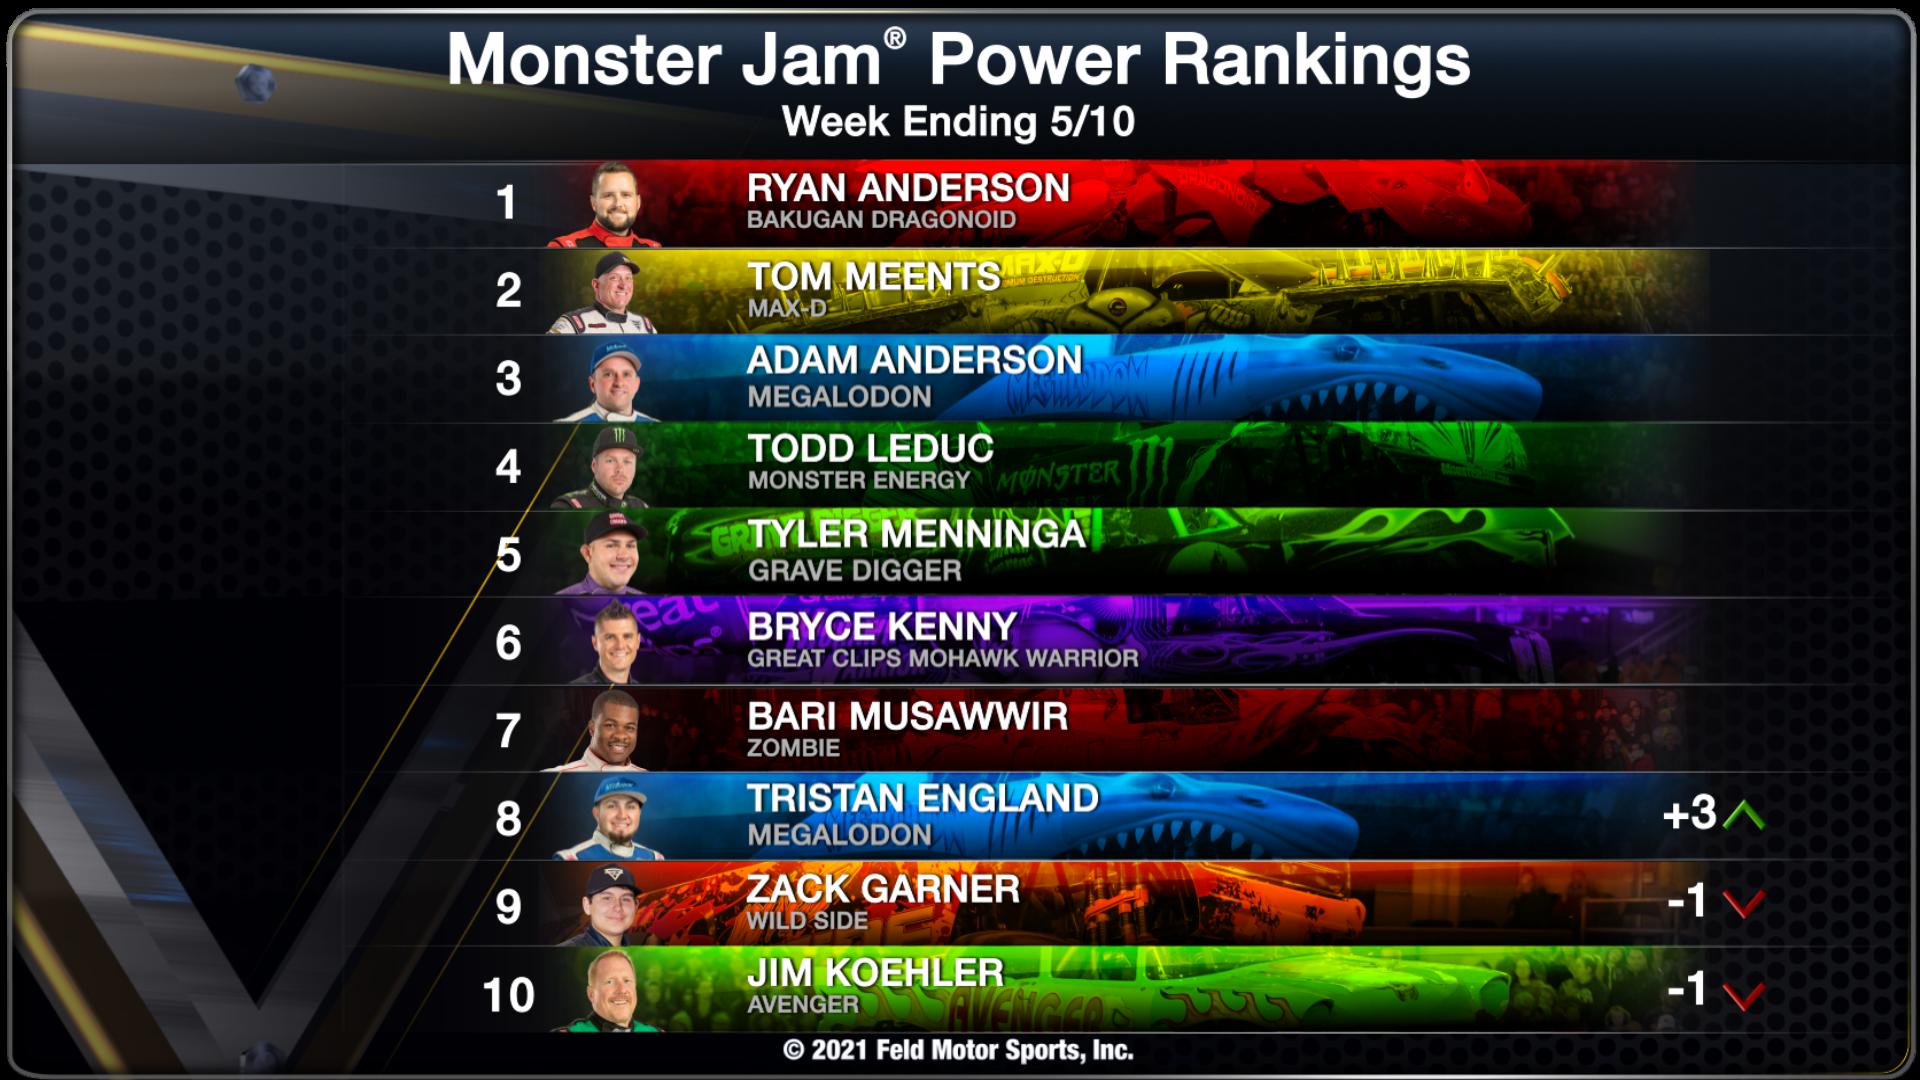 monster jam power ranking chart